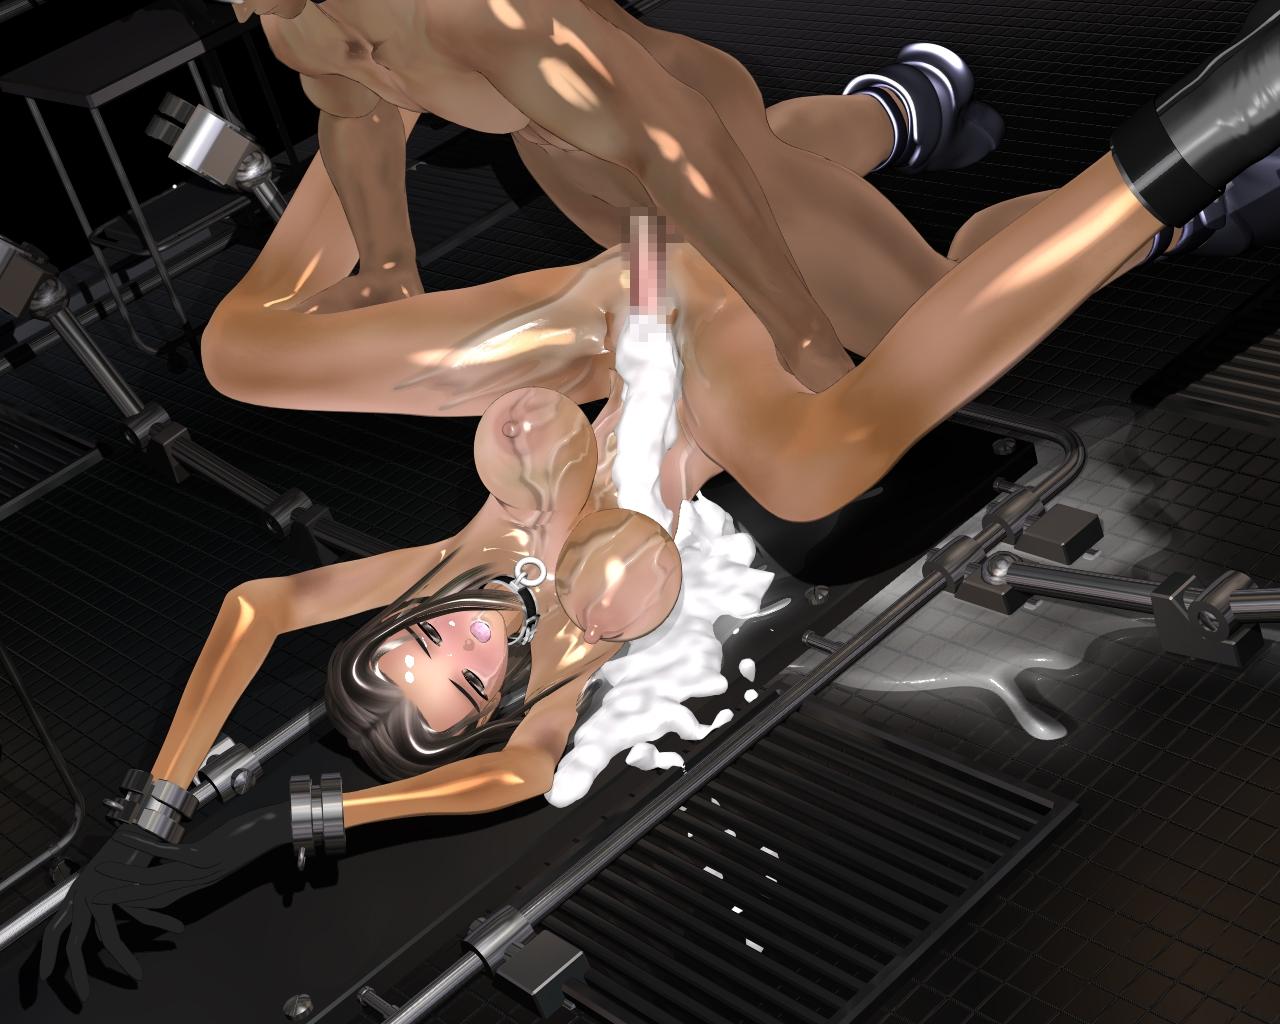 Секс игры в машини 8 фотография